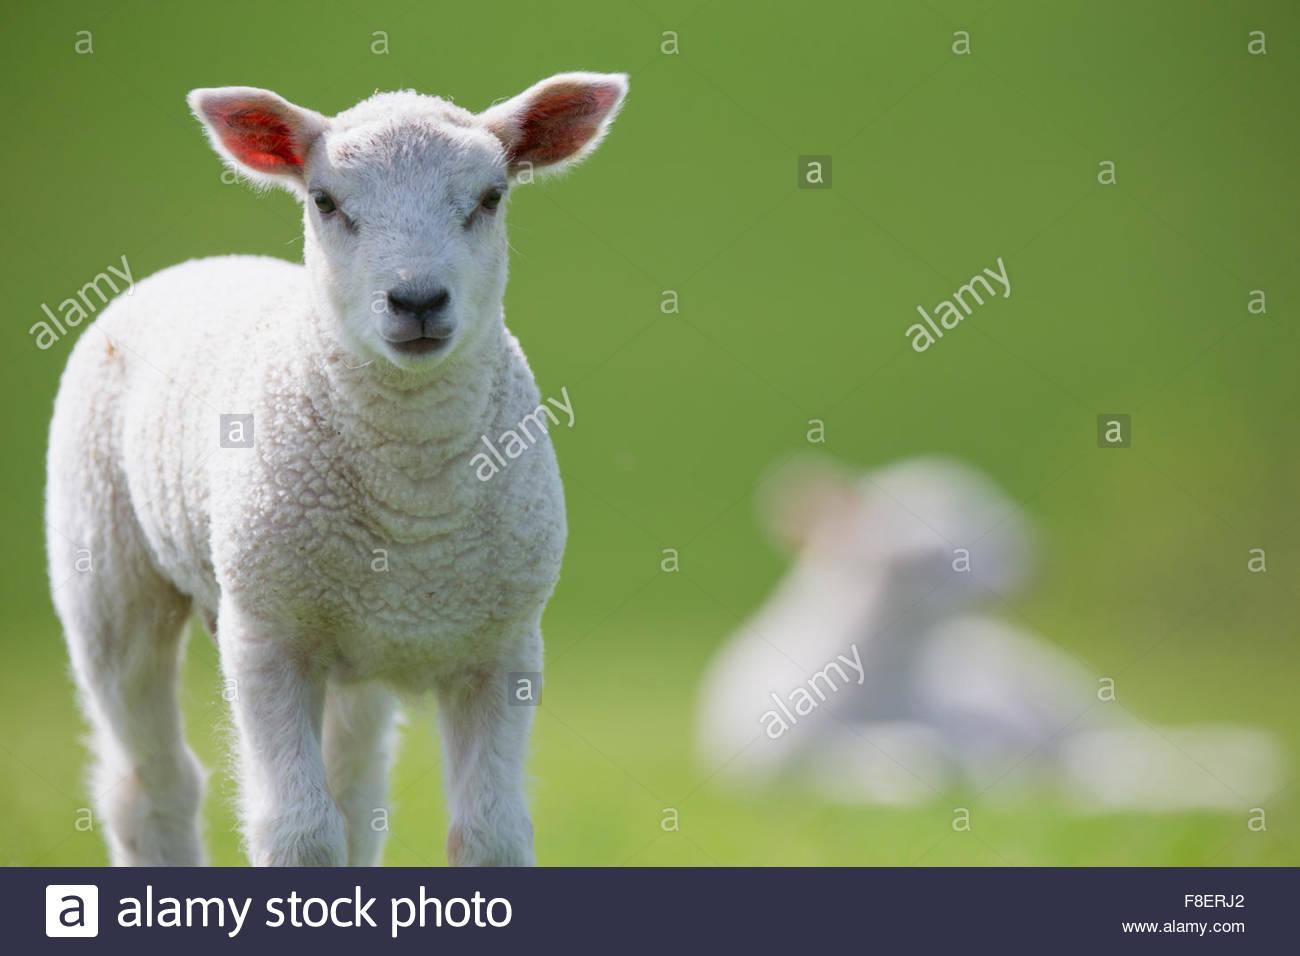 Ritratto di agnello in verde erba a molla Immagini Stock